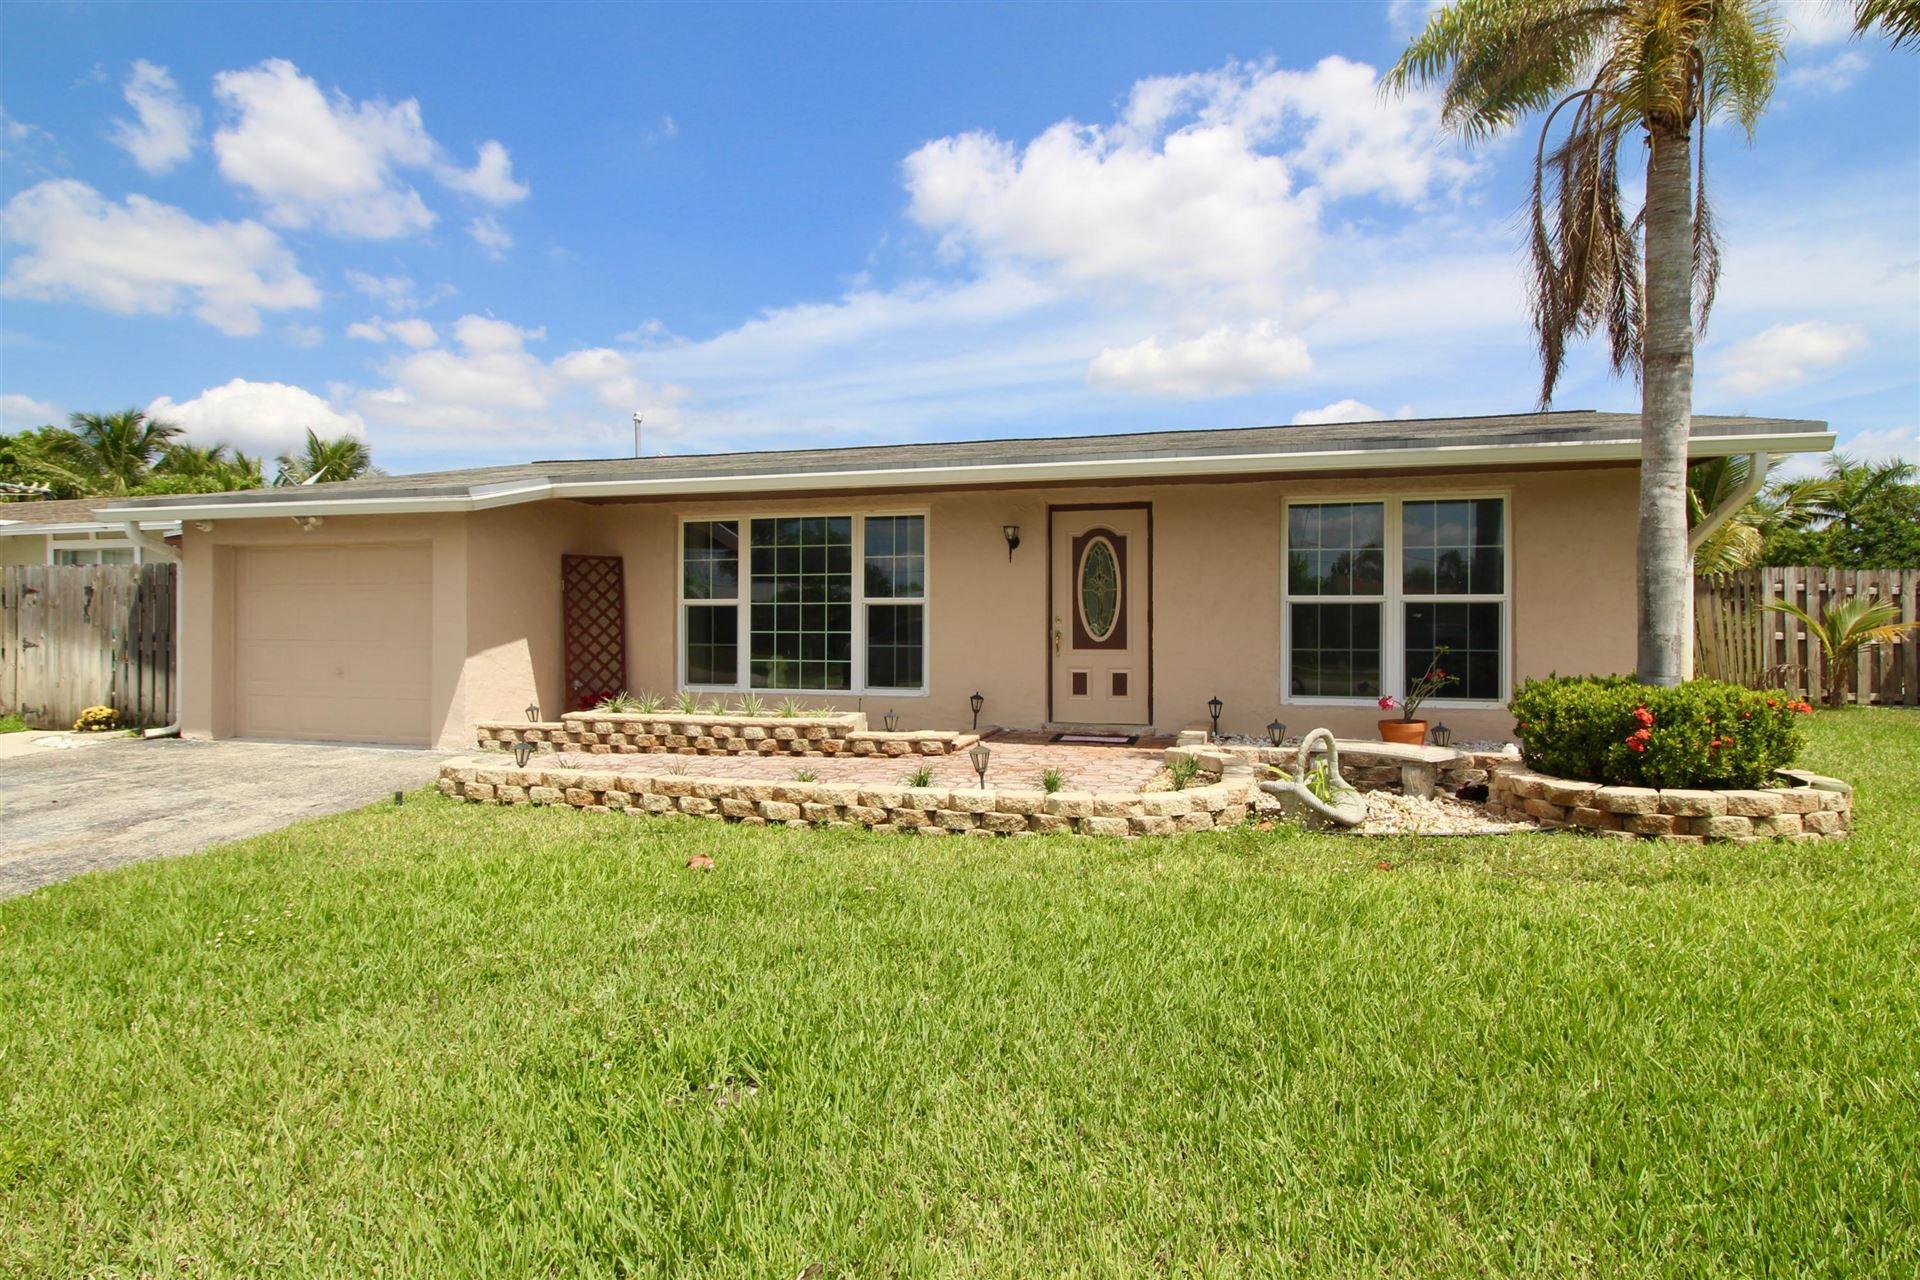 12291 NW 29th Manor, Sunrise, FL 33323 - #: RX-10708315